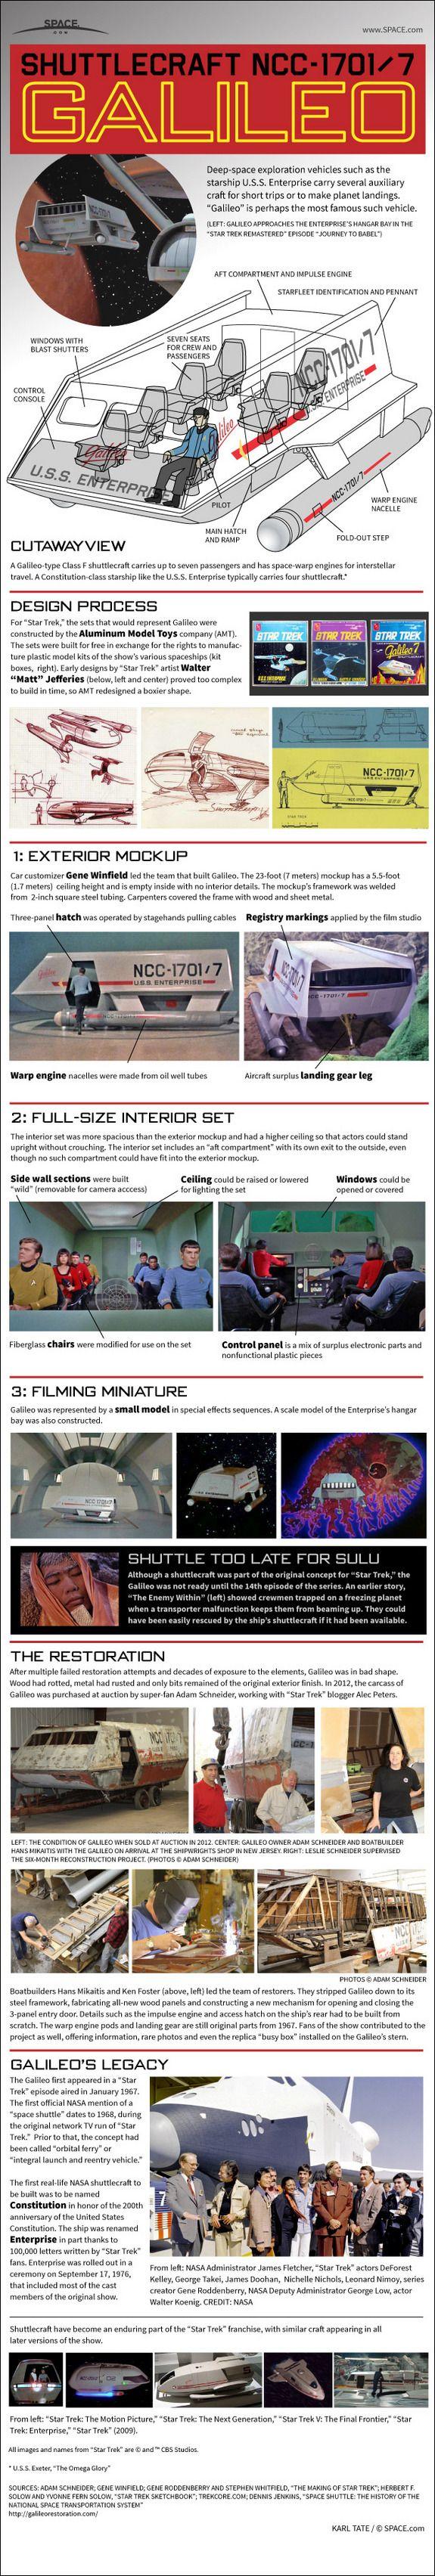 Inside Star Trek's Galileo Shuttlecraft #Infographic